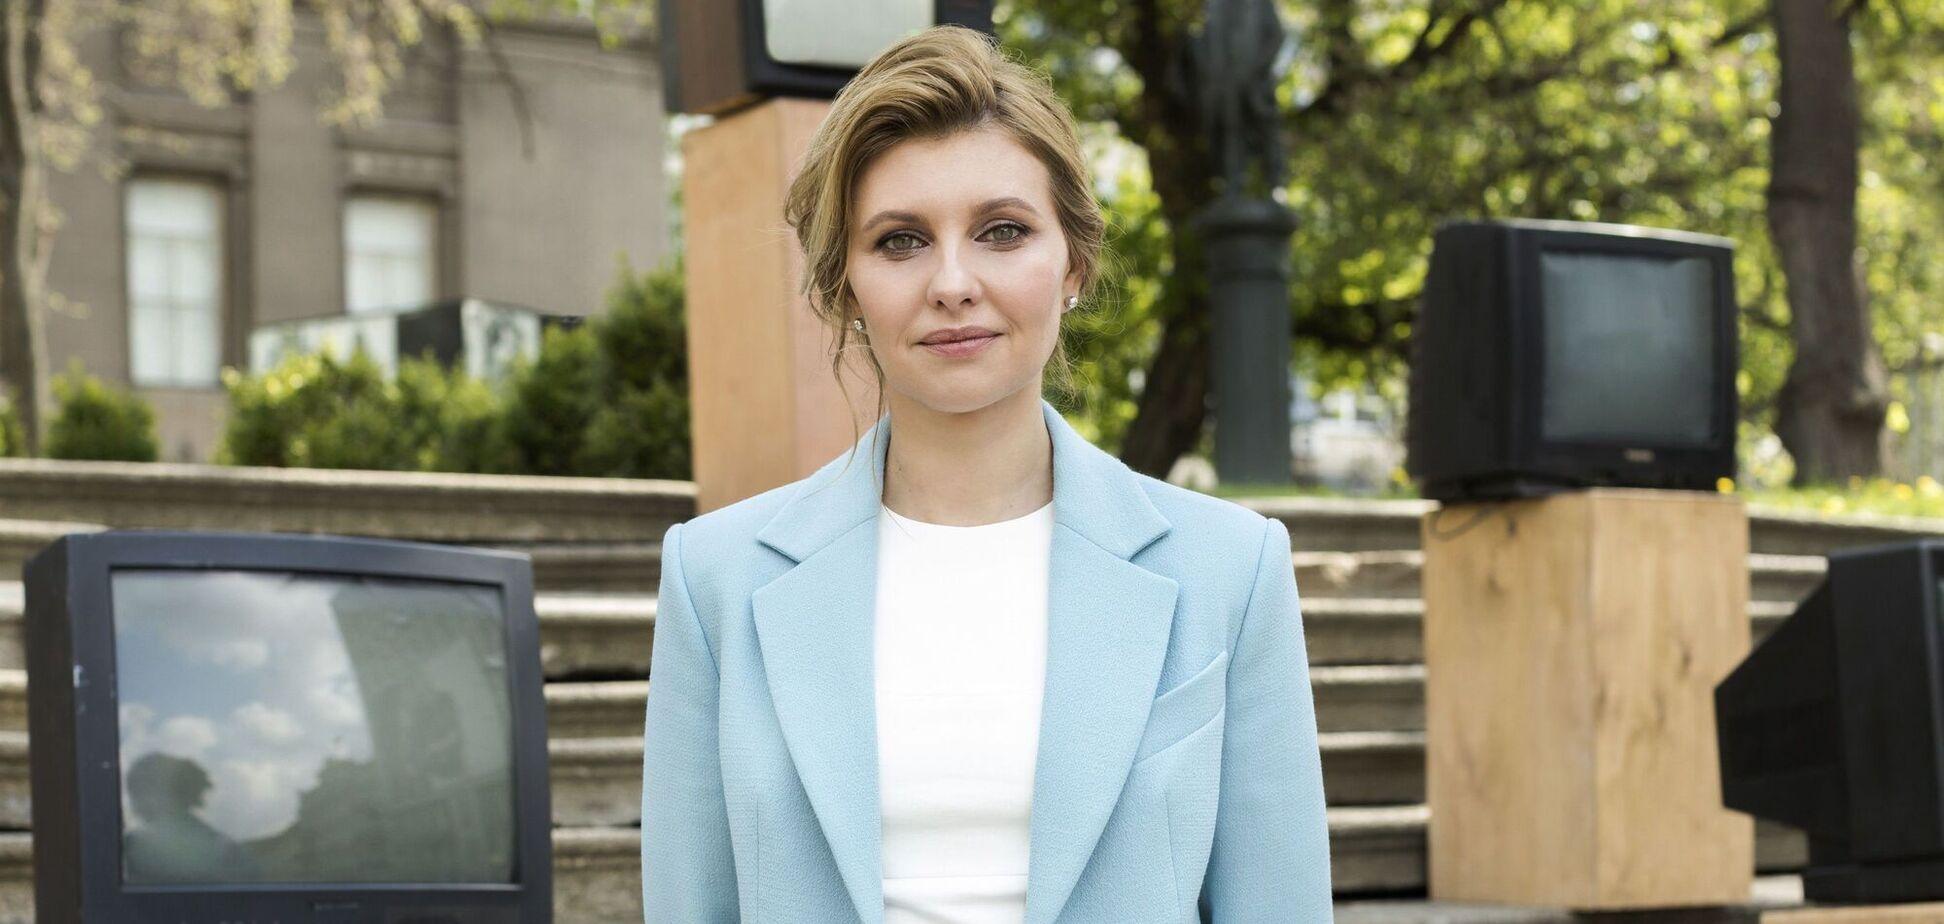 Олена Зеленська прикрасила обкладинку українського глянцю: фото викликало суперечки в мережі